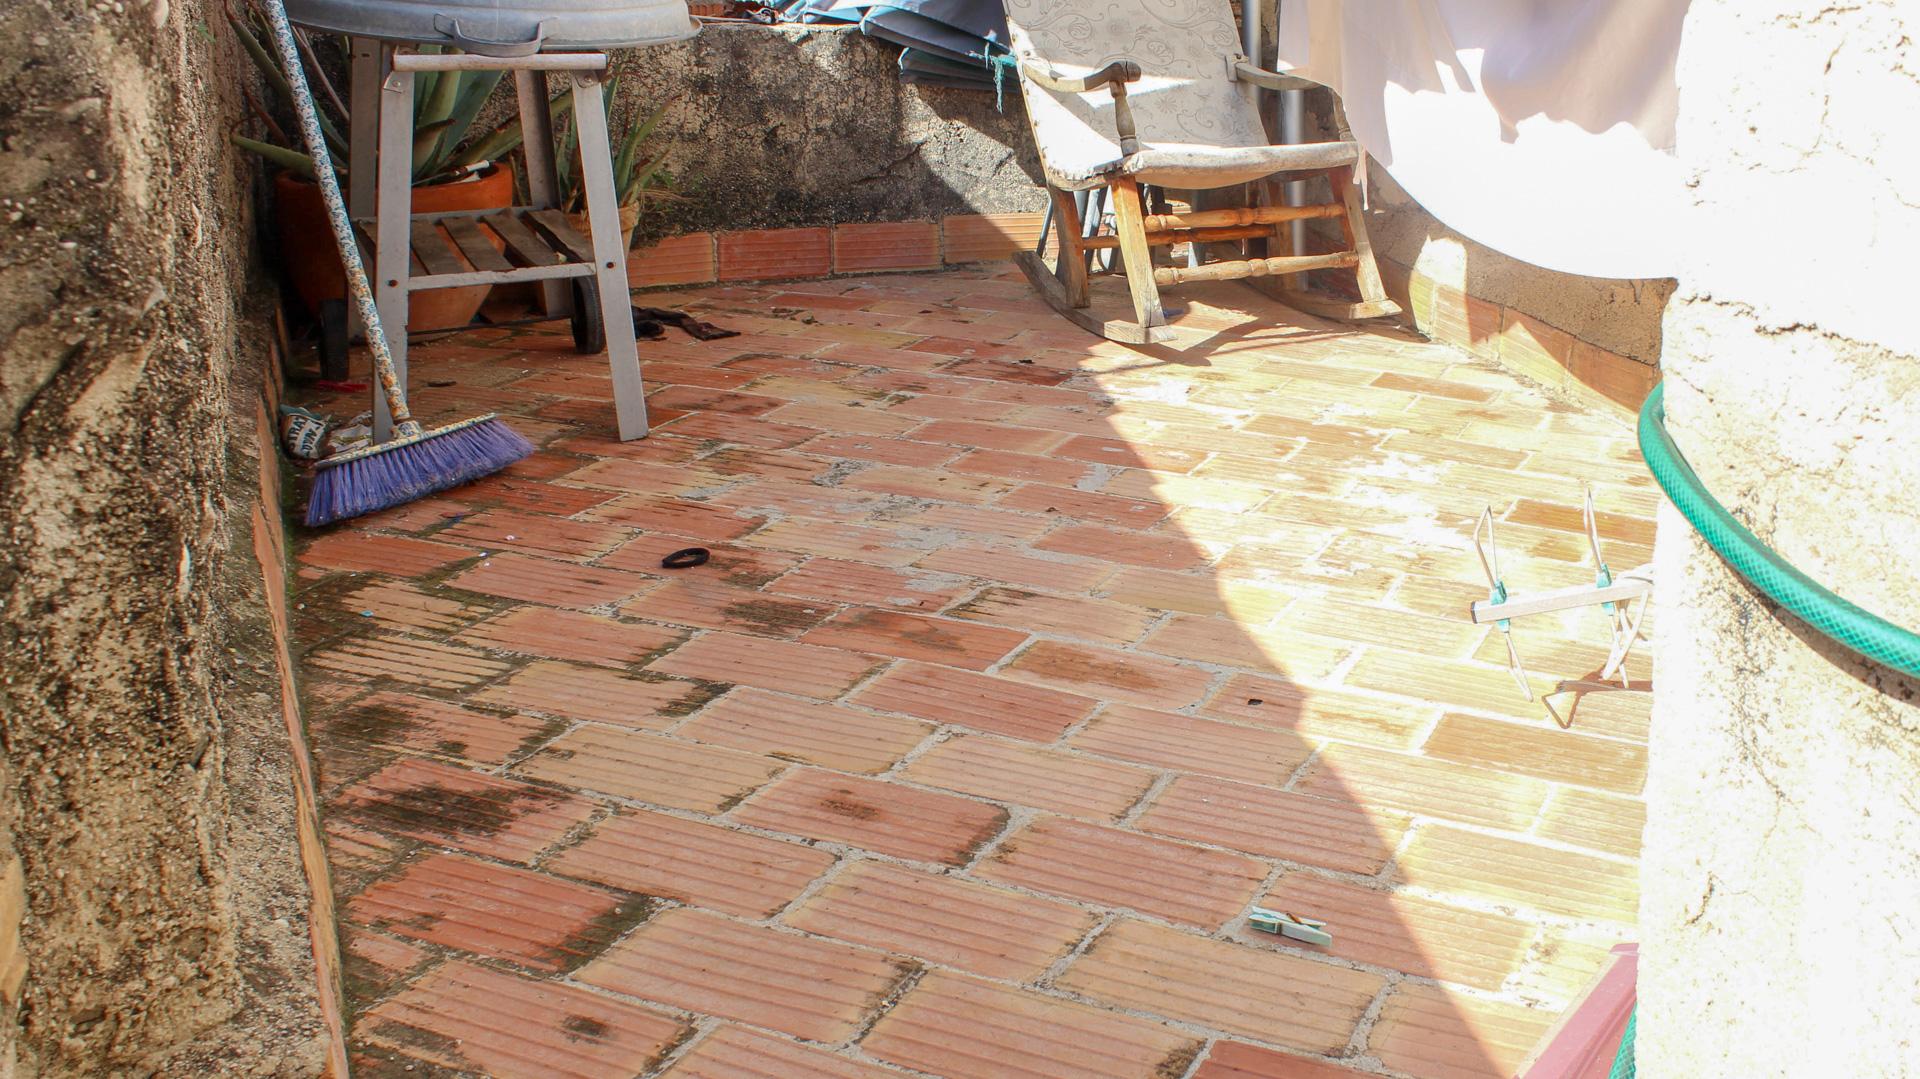 vitalcasa.sooprema-propiedades_5dc2a84364370-source